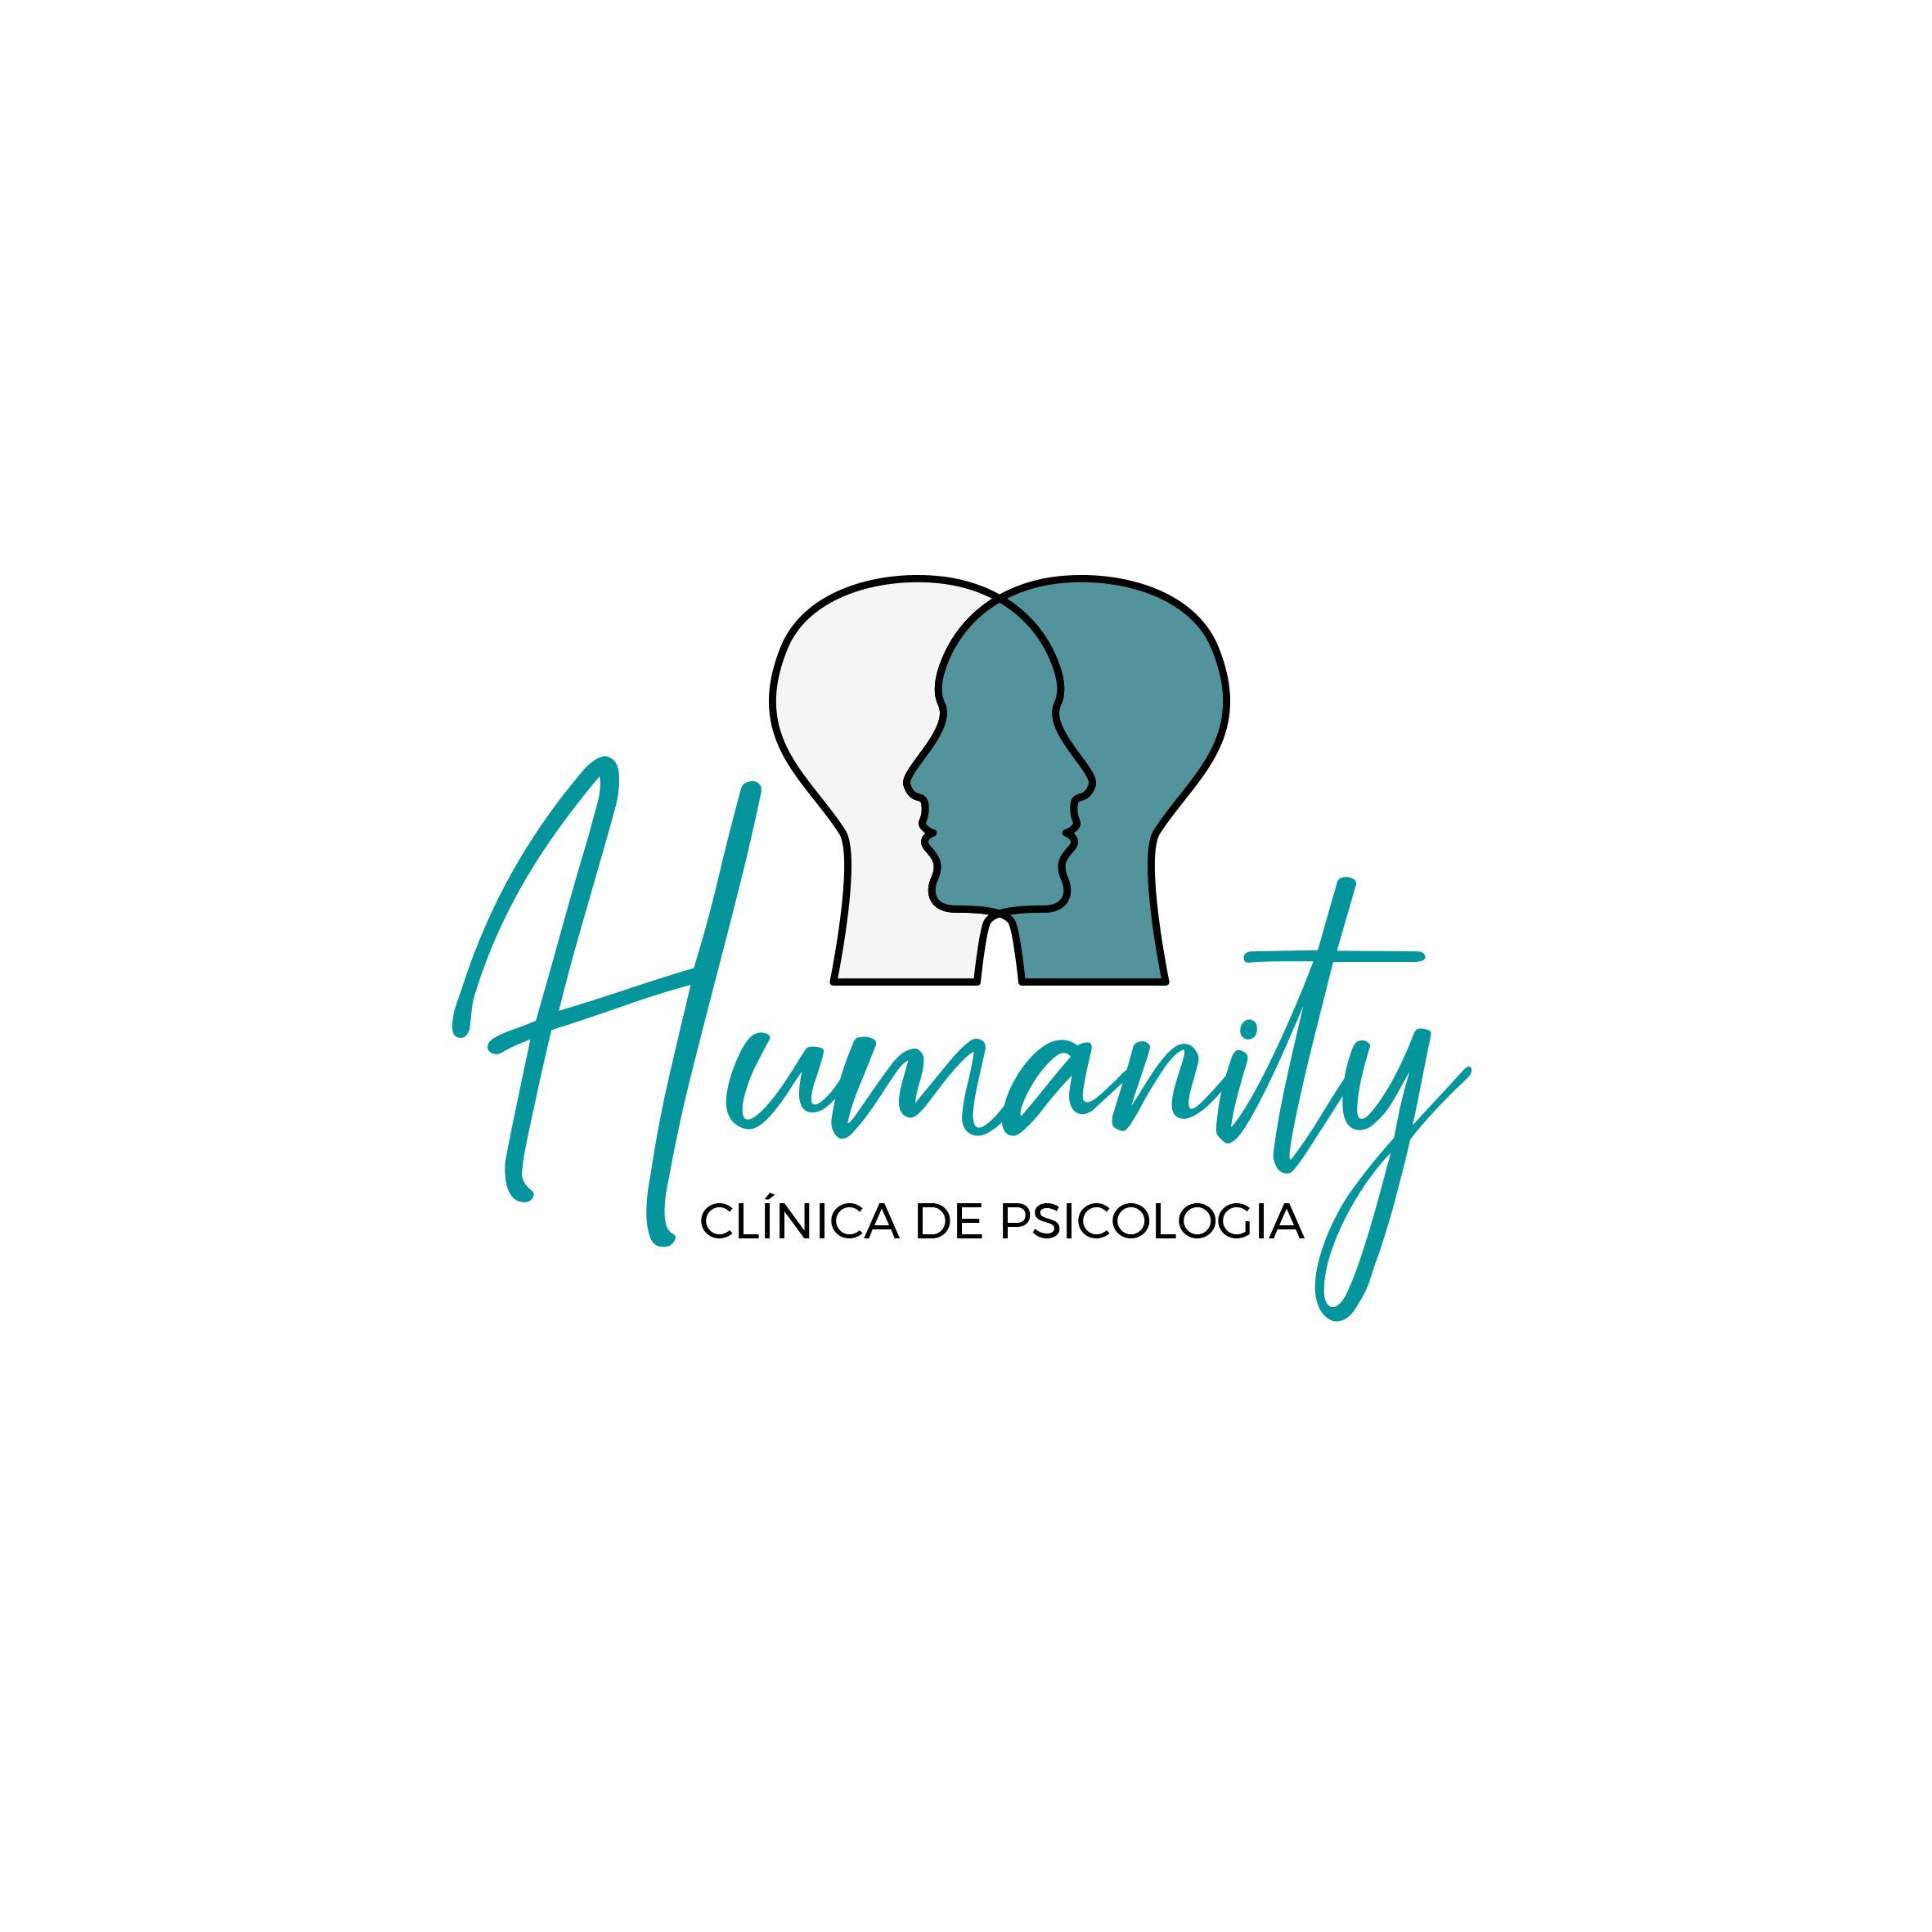 Humanity Clínica de Psicologia